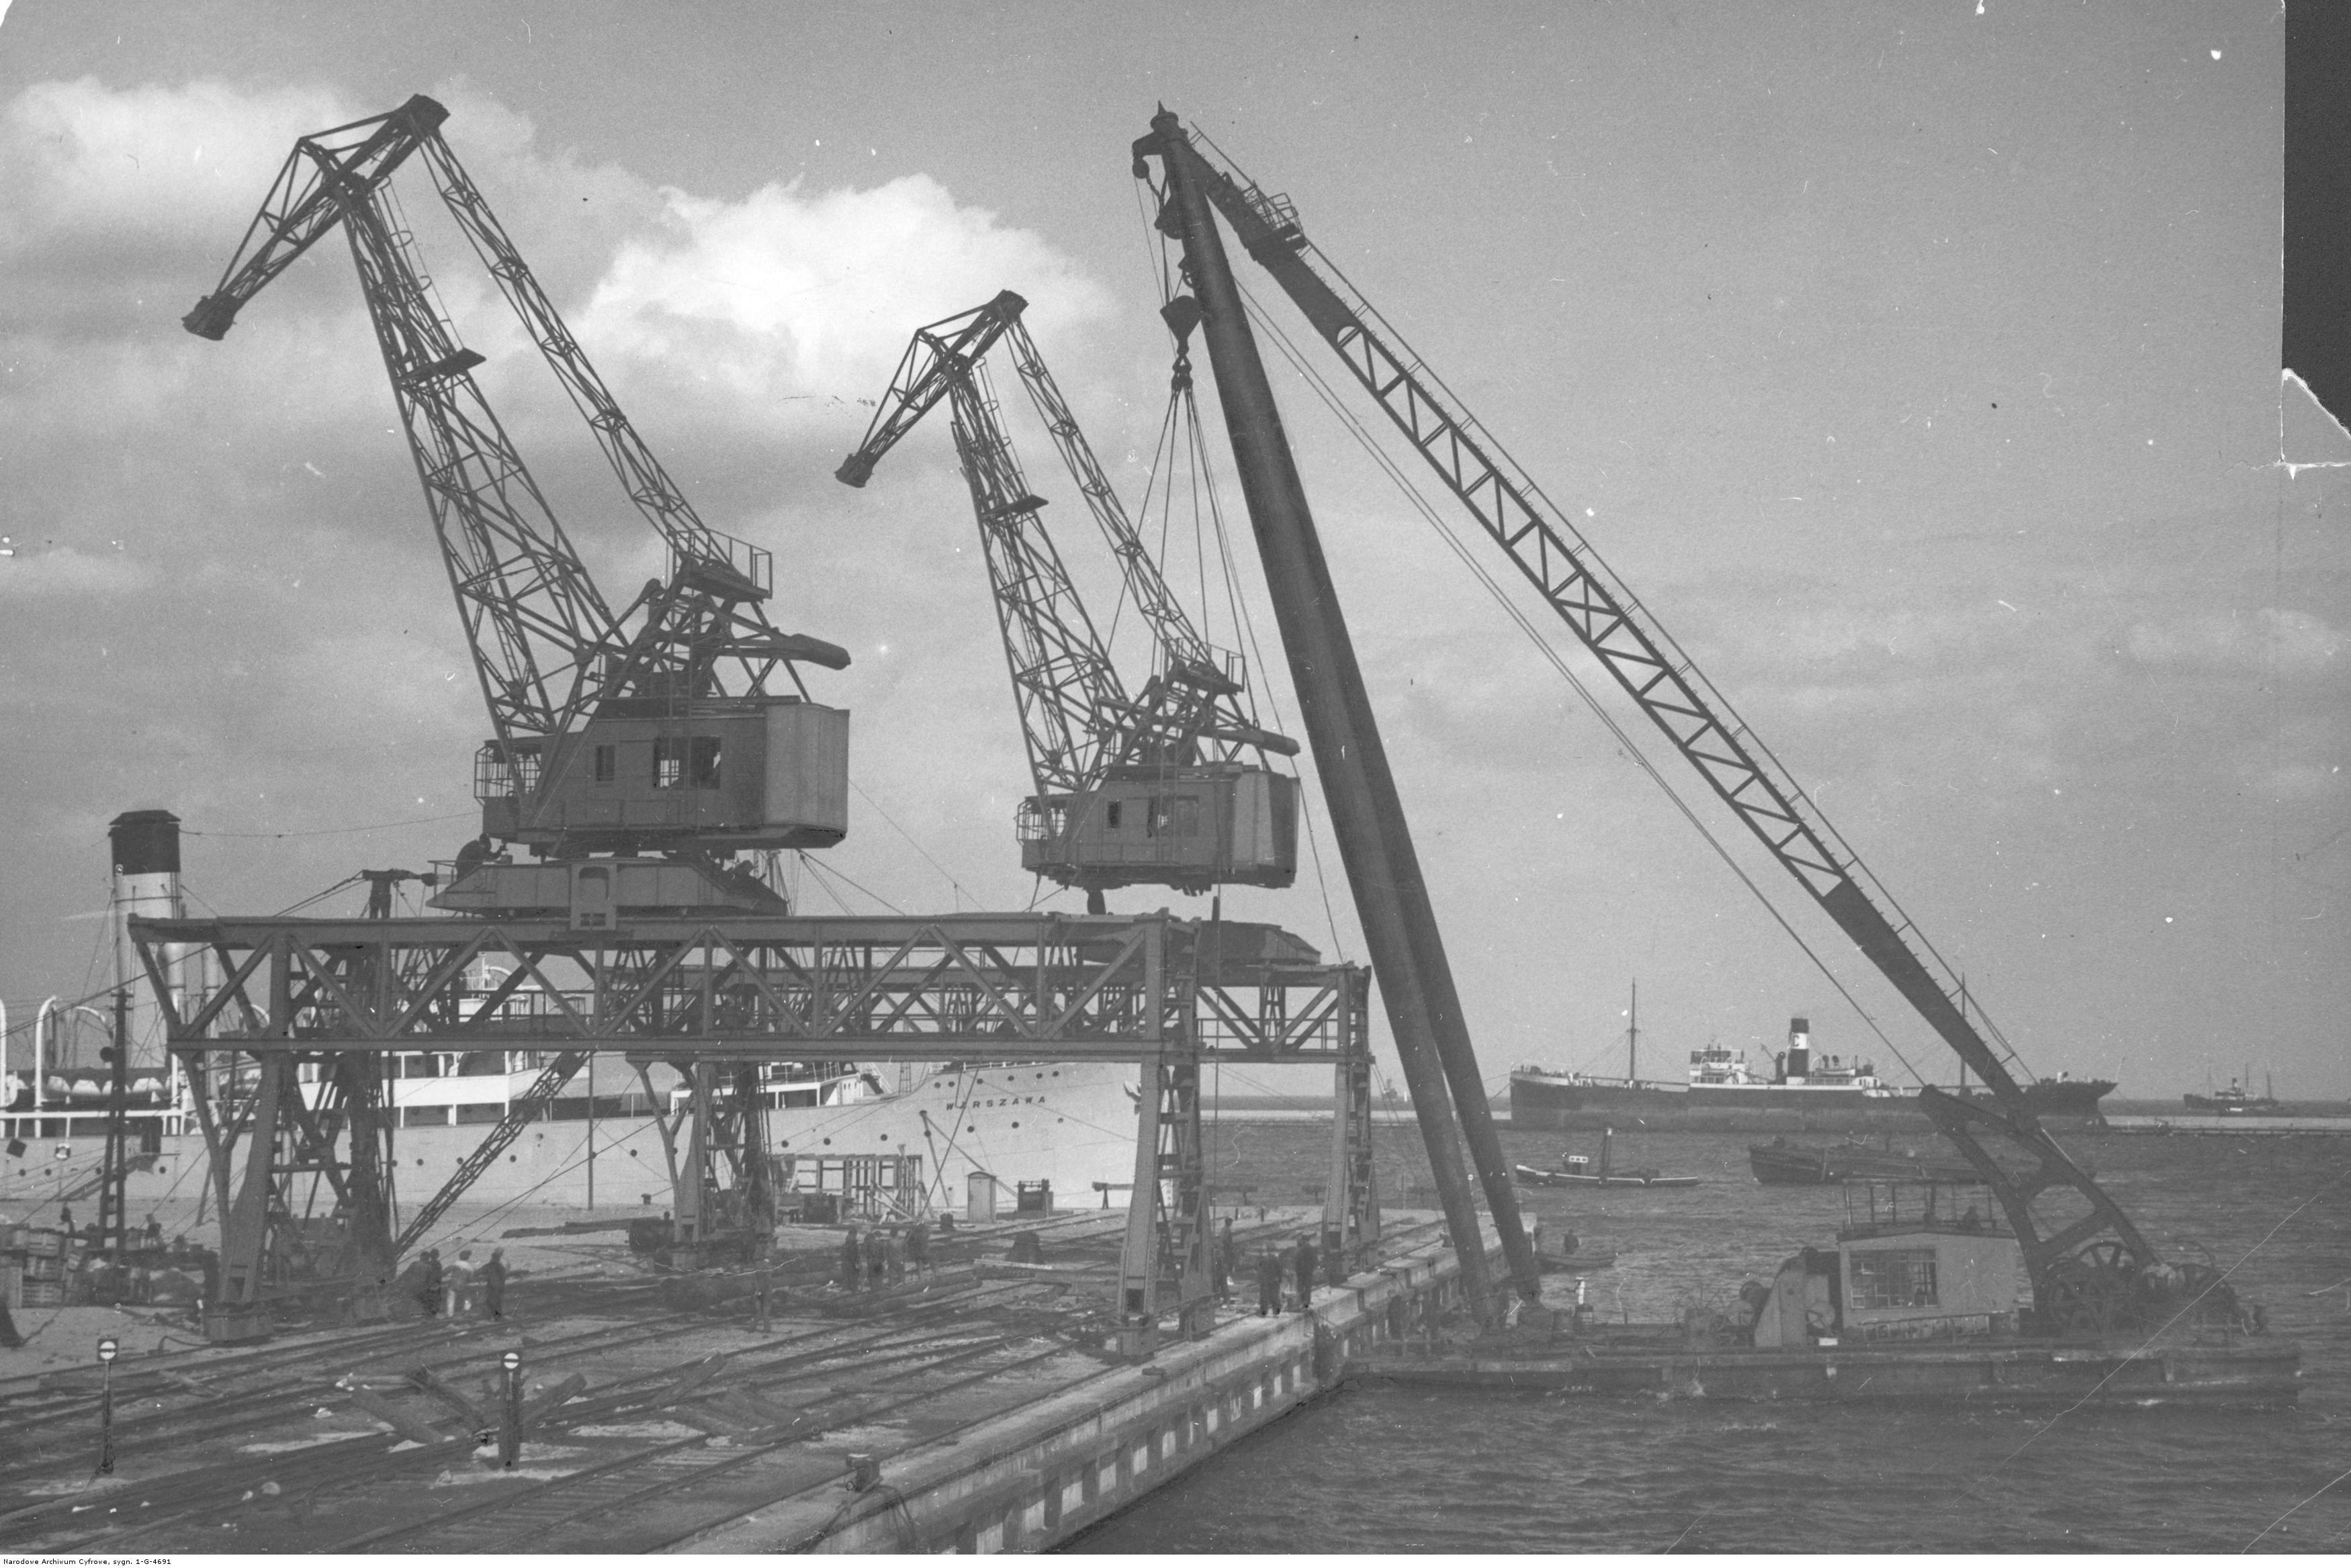 Budowa urządzeń portowych w porcie na nabrzeżu francuskim.